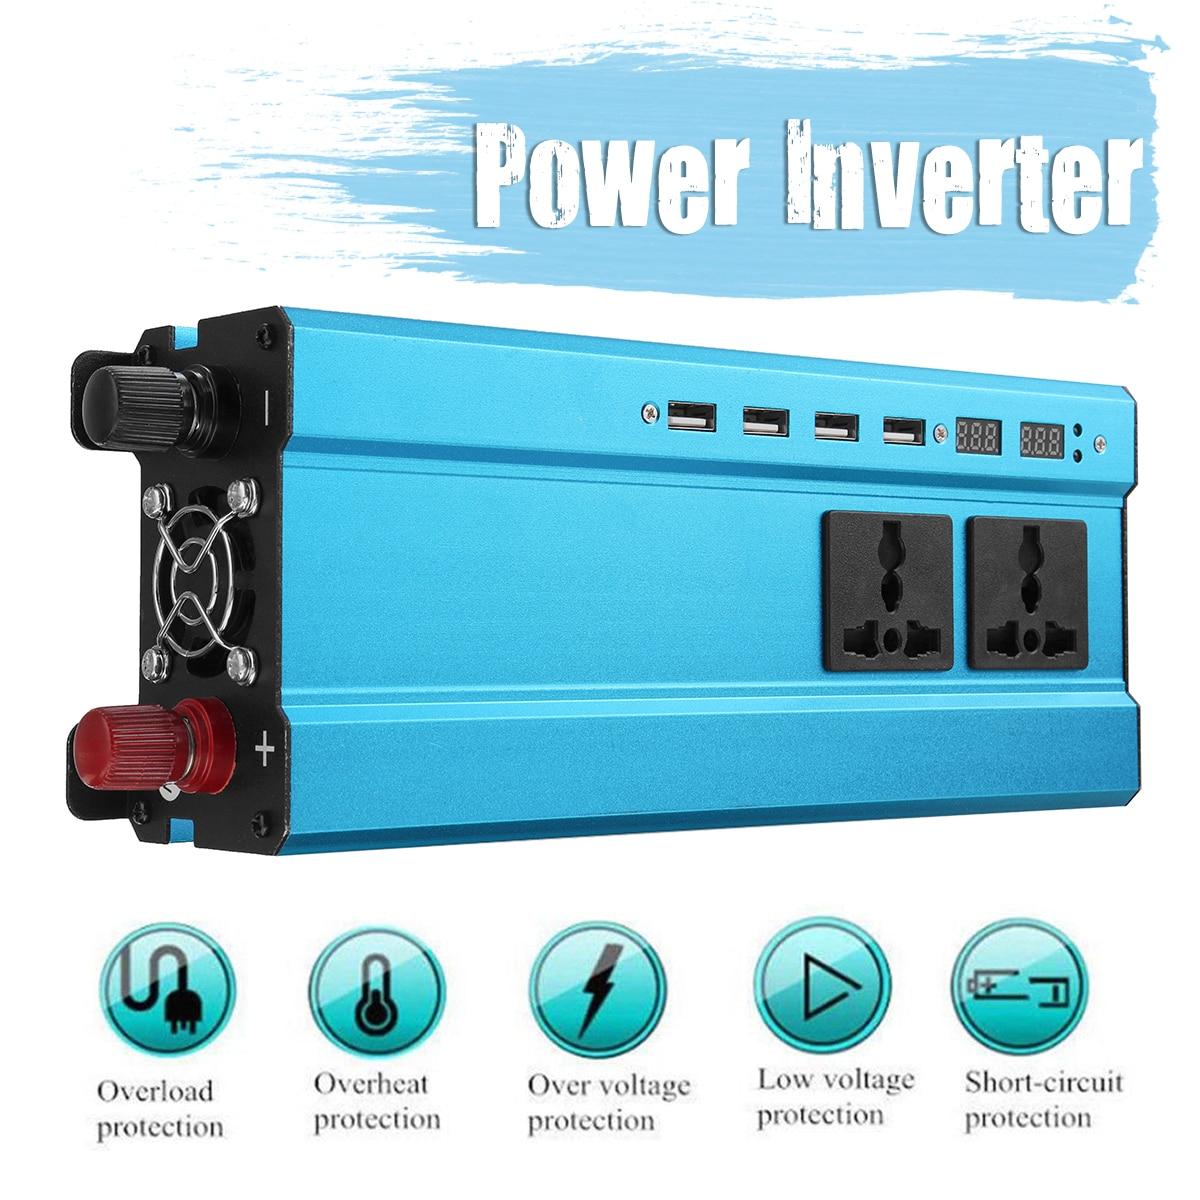 Car Inverter 5000W  Pea k Power Inverter 12V 220V DC-AC  Solar Sine Wave Inverter Voltage Transformer Converter  LED Display